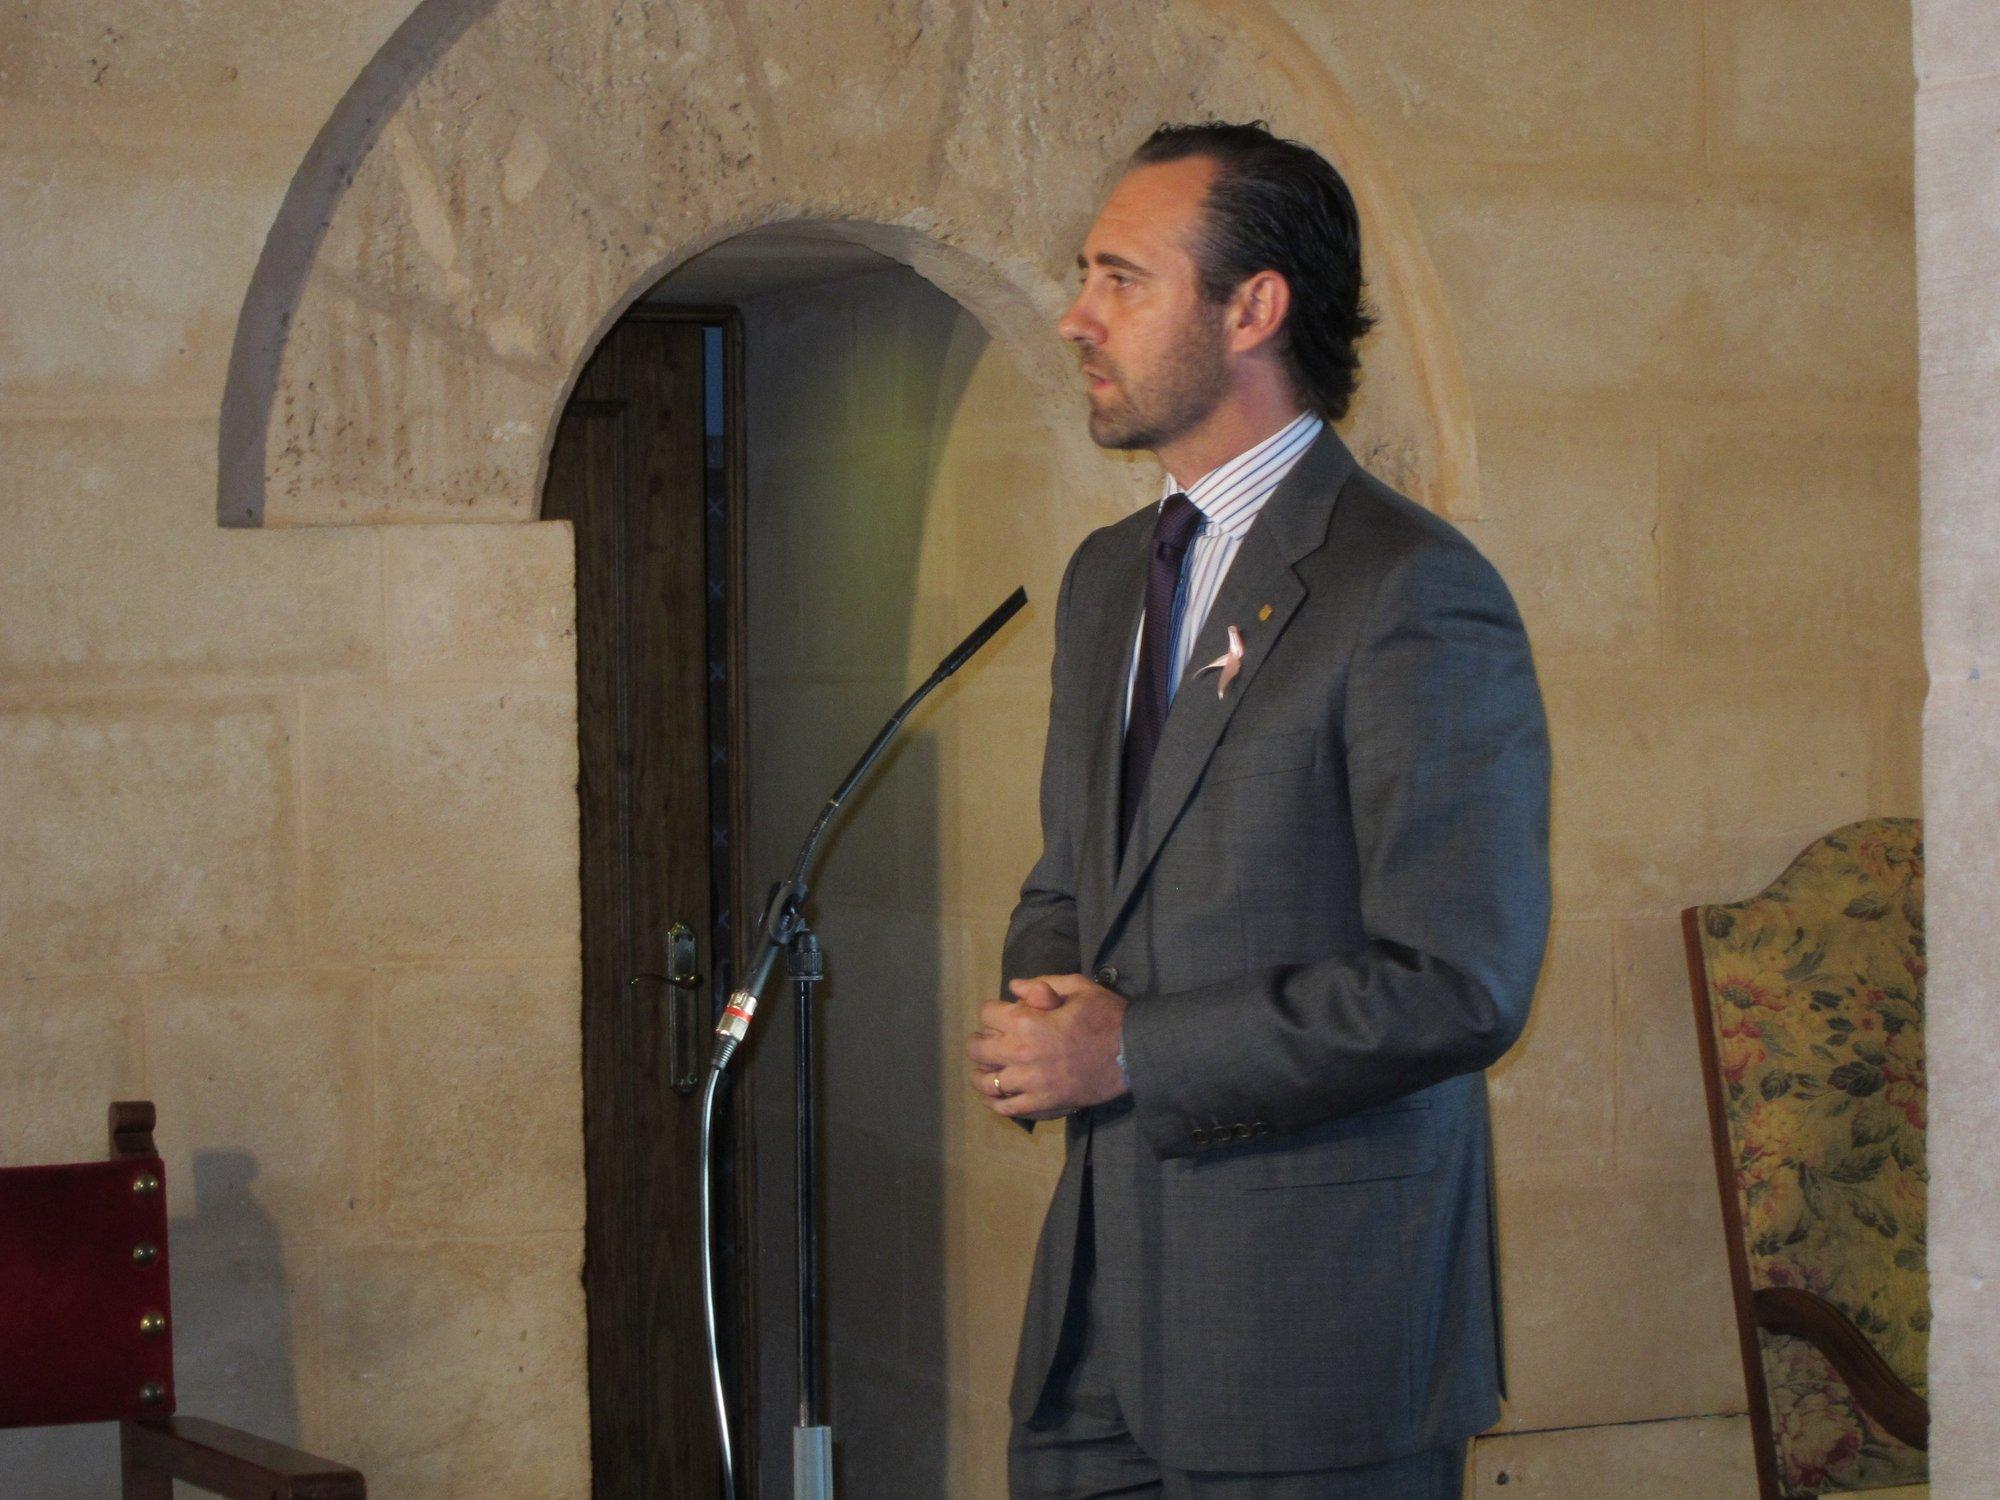 Bauzá participa este sábado en Sevilla en la exposición de la Ponencia Social, con Cervera y Feijóo